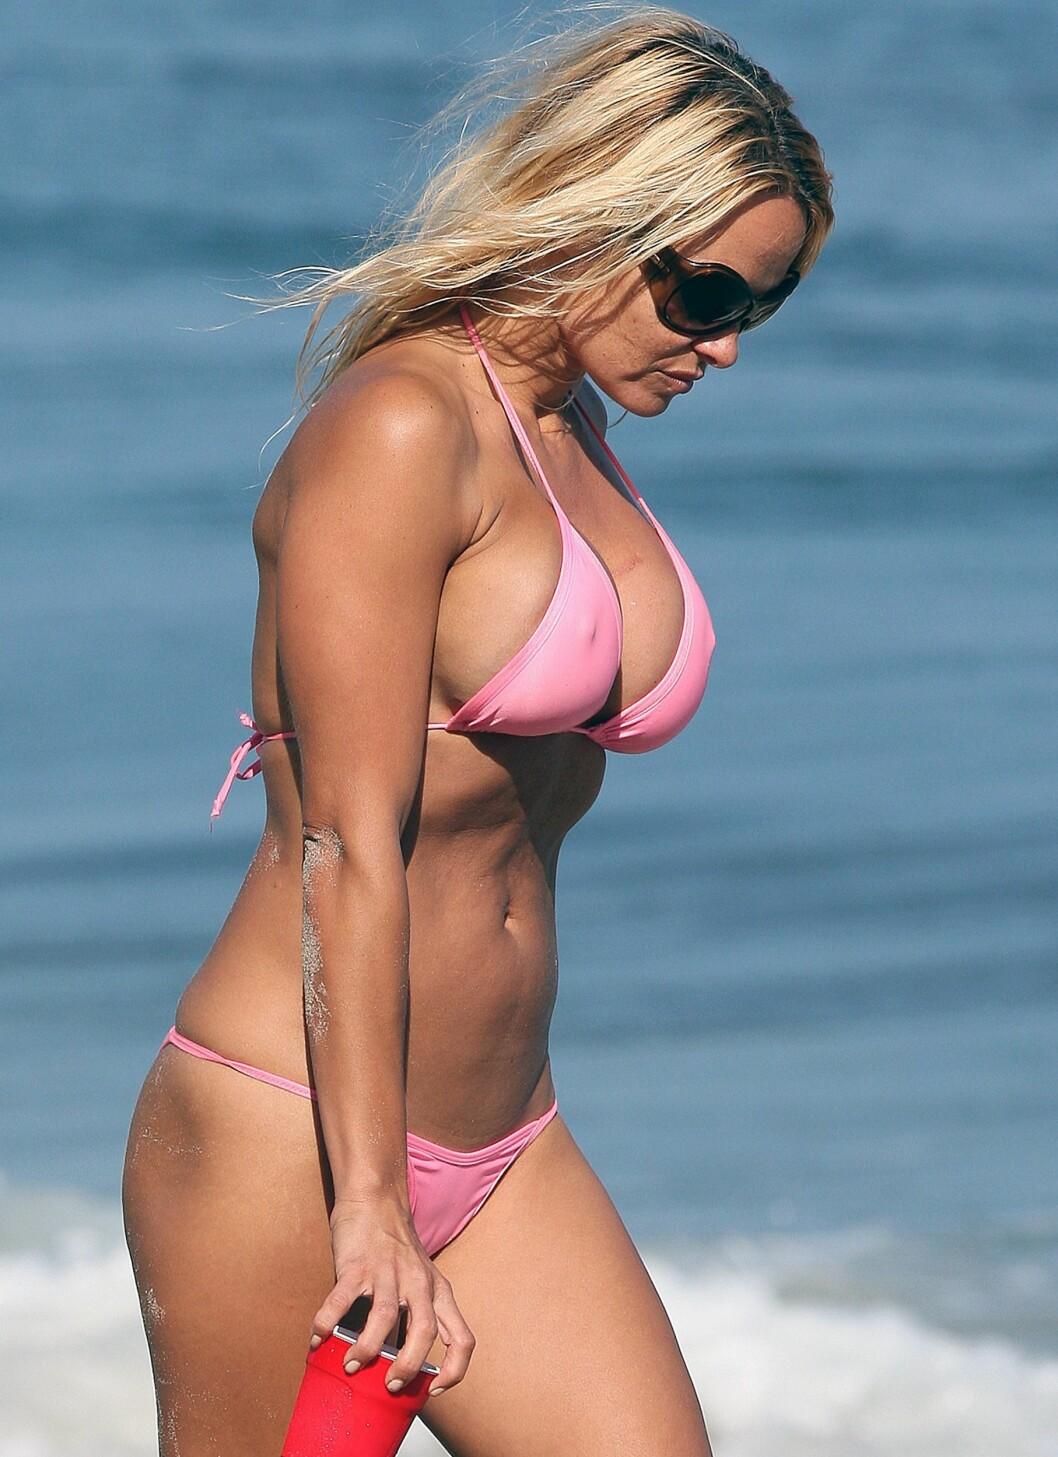 Med mindre du liker stilen, så kan du helt sikkert finne en bikinitopp som passer puppene dine litt bedre enn den gjør her på Baywatch-stjernen Pamela Anderson.  Foto: All Over Press